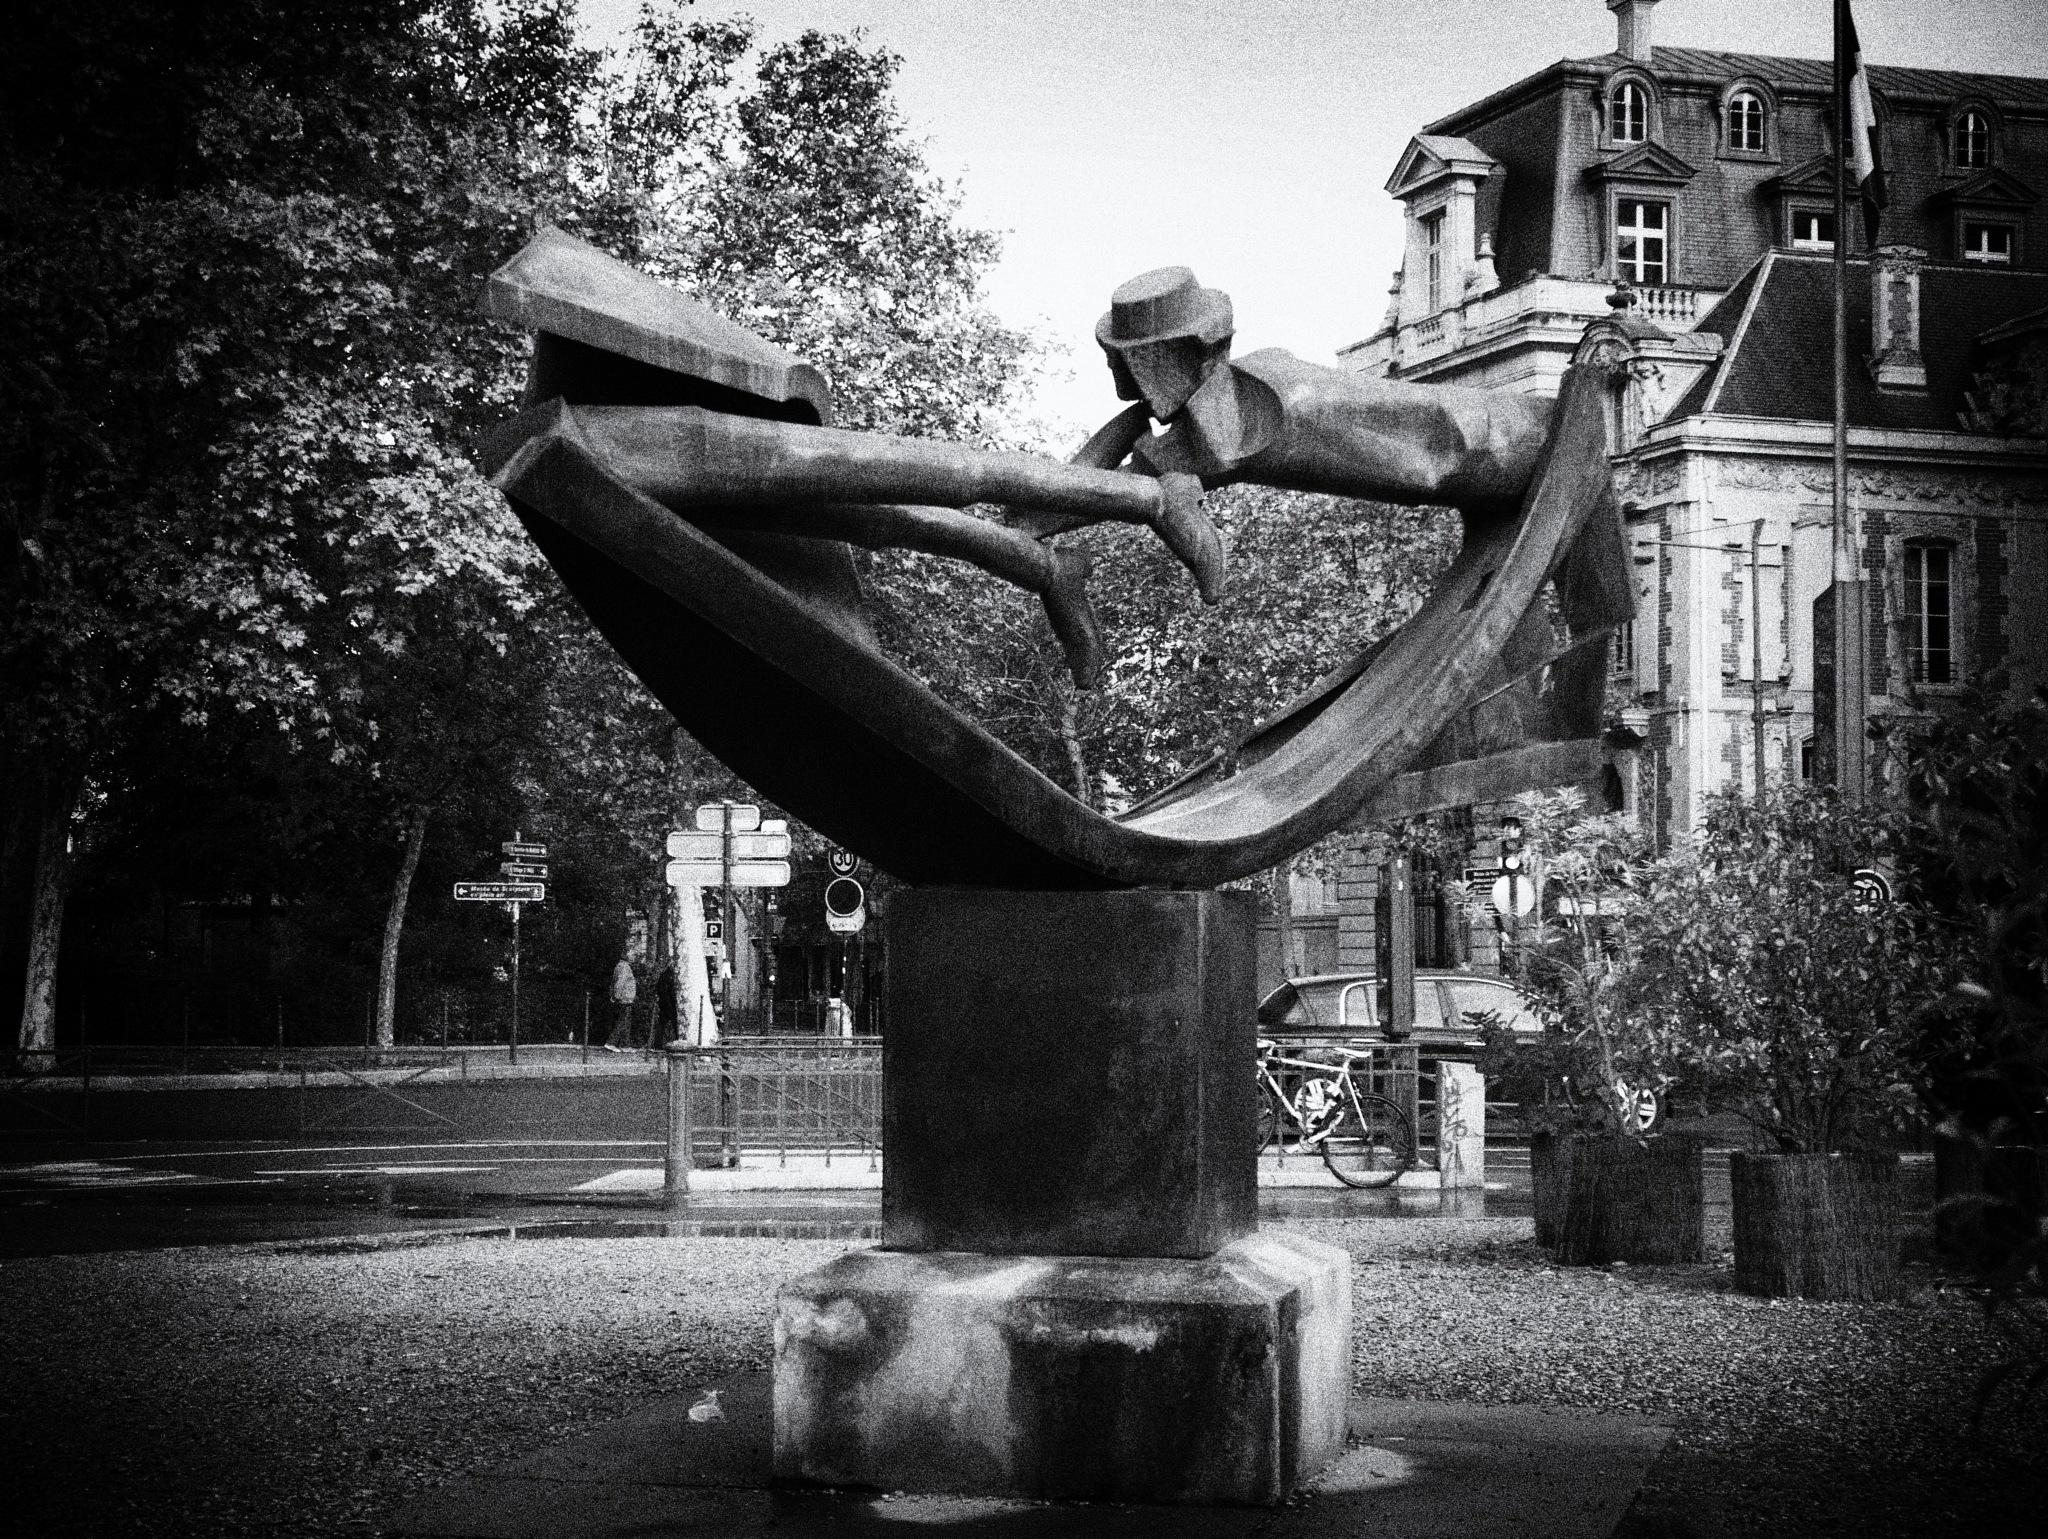 Paris statue by TonyG